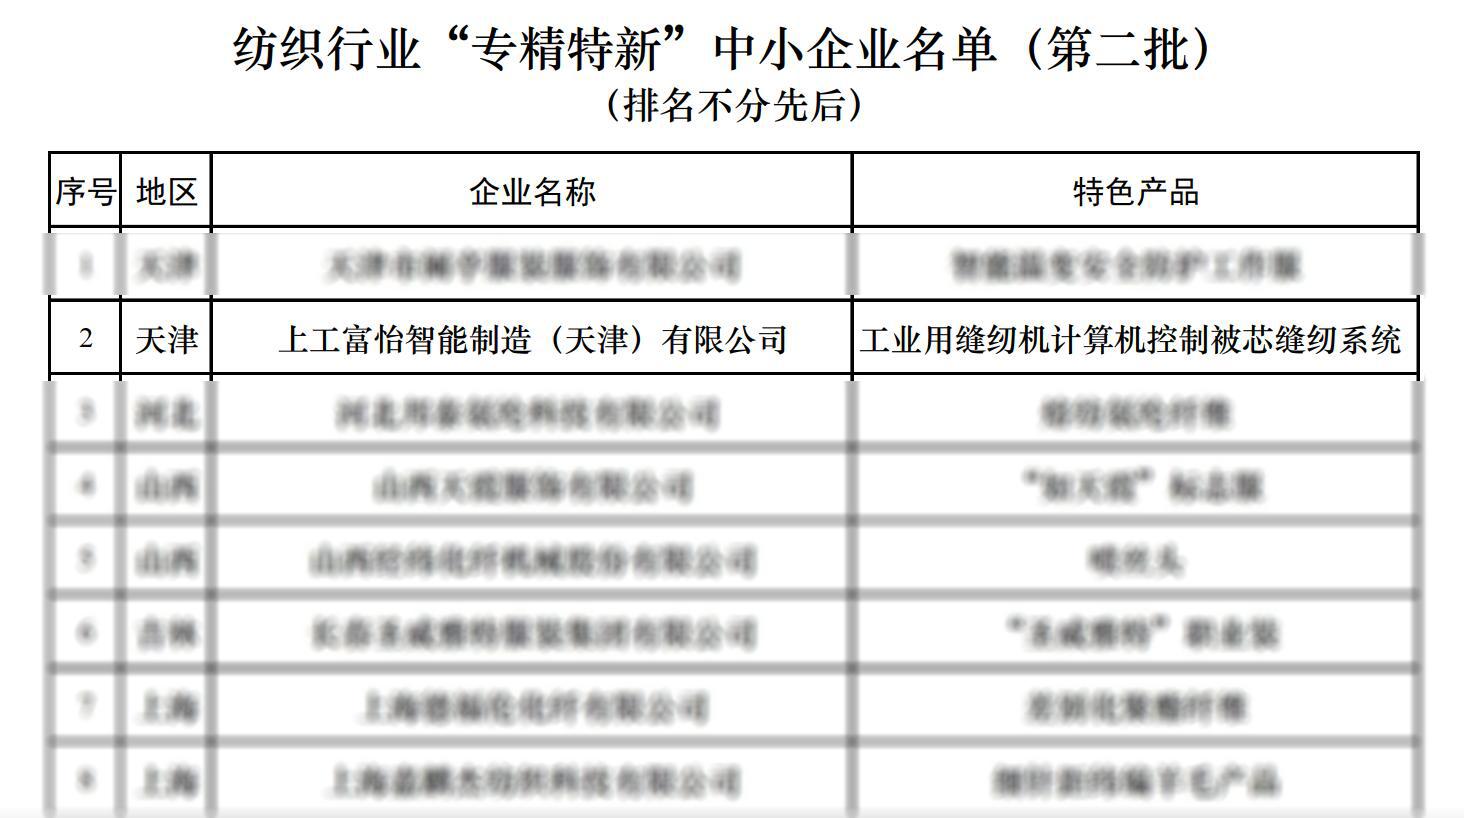 """上工富怡入选纺织行业""""专精特新""""中小企业名单(第二批)"""